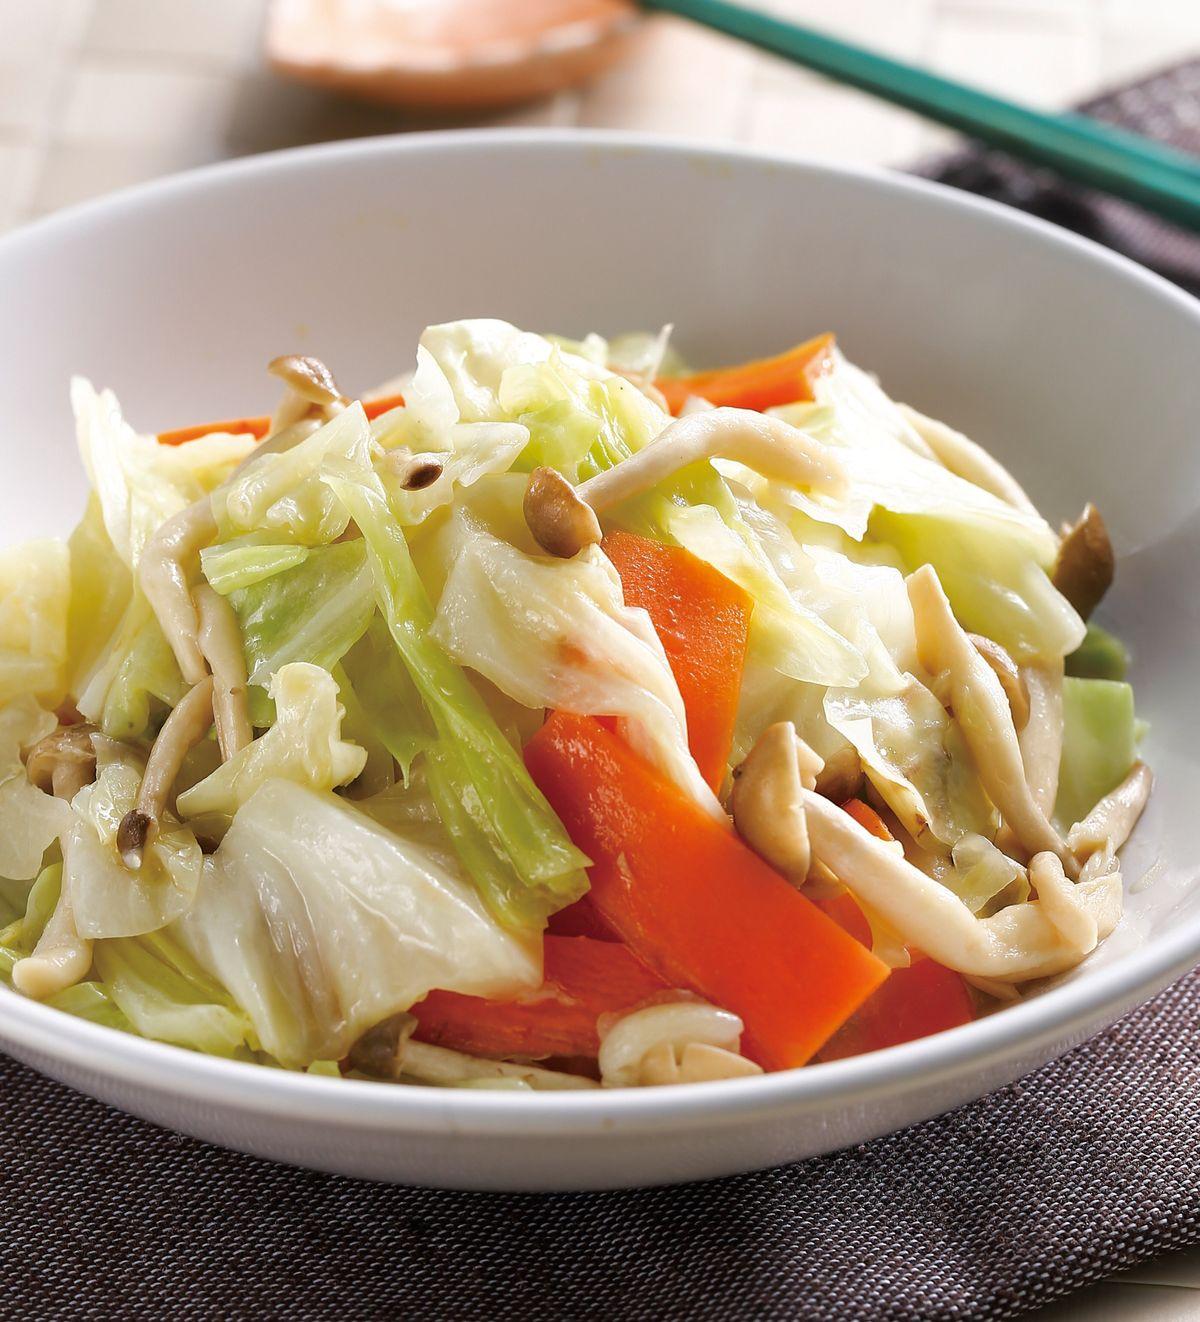 食譜:野菇炒高麗菜